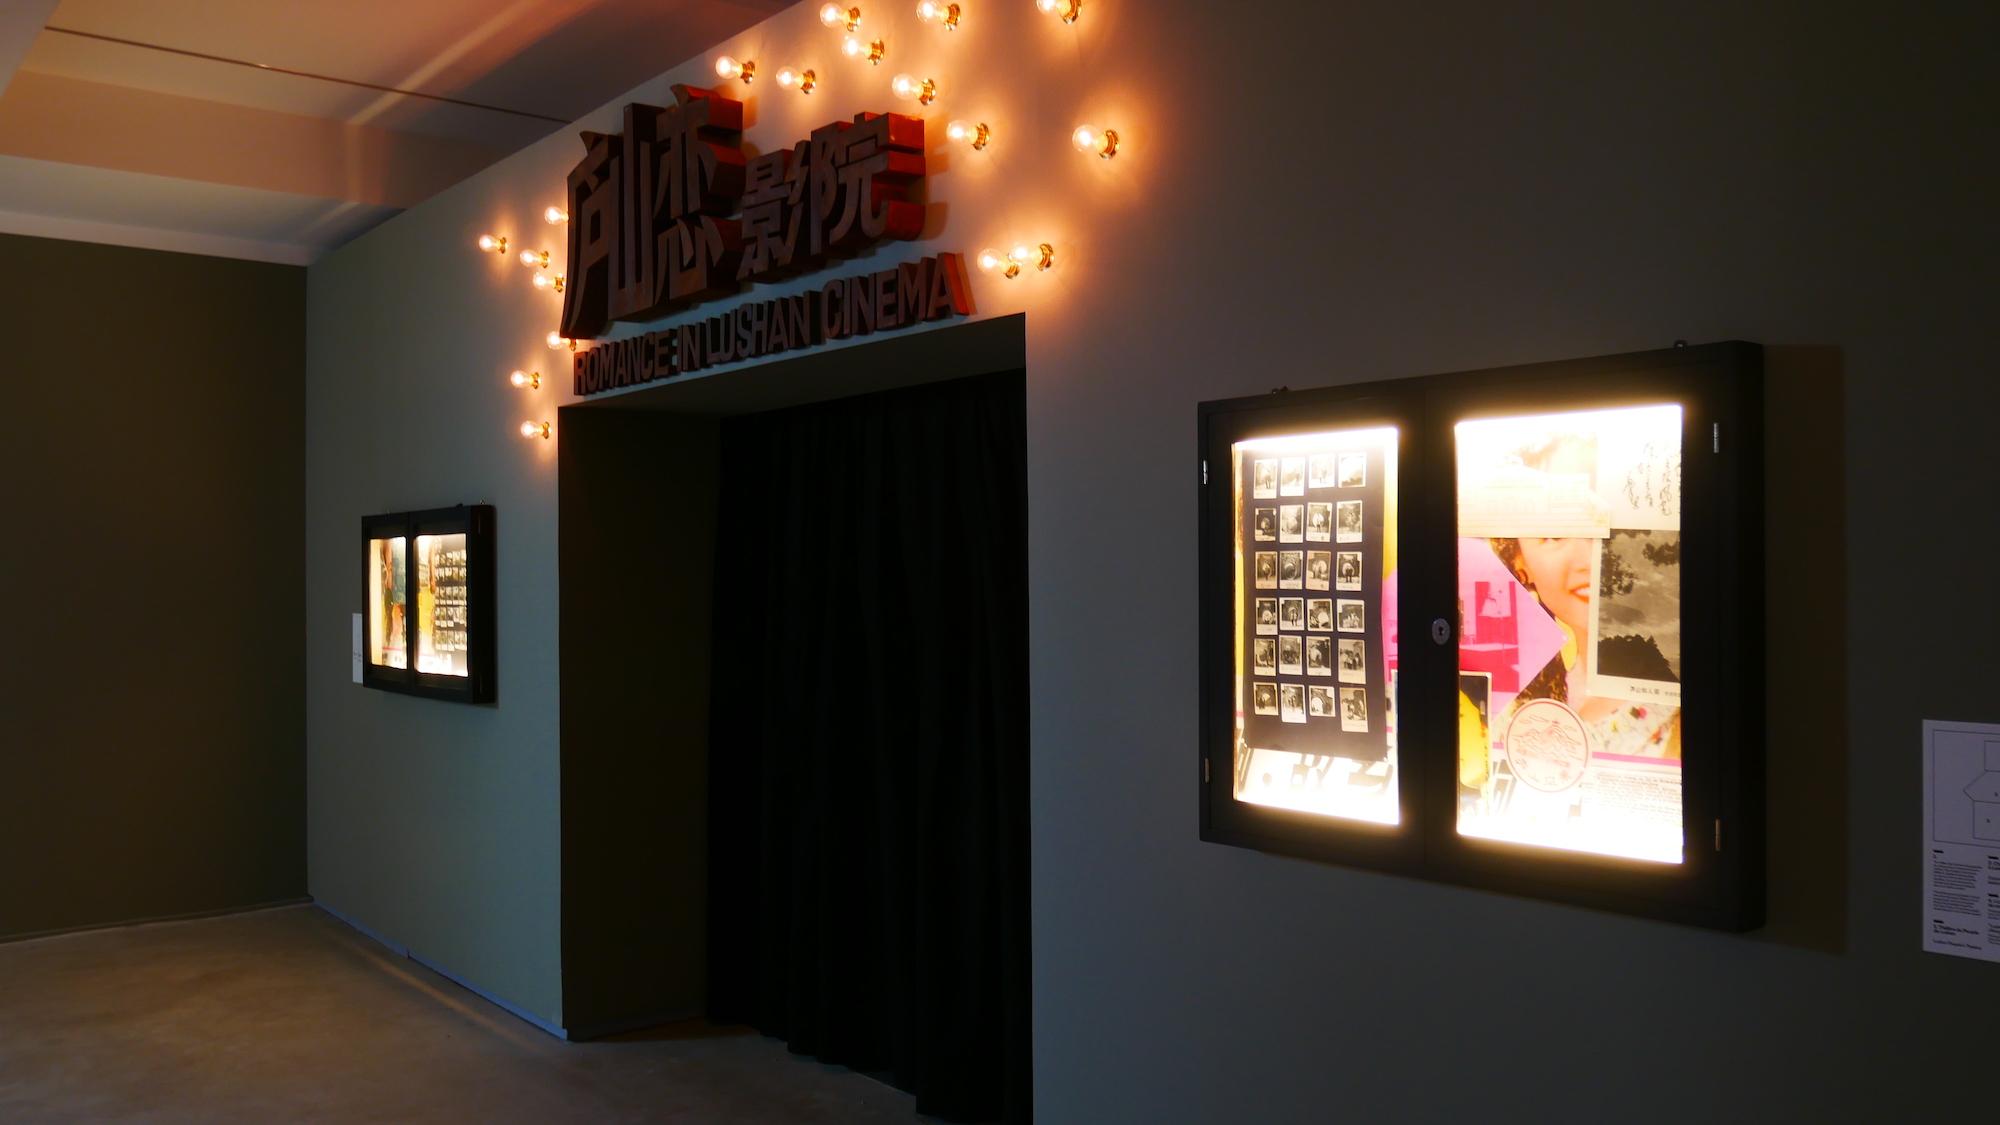 阿尔勒展览现场,《庐山恋影院》,雷磊。